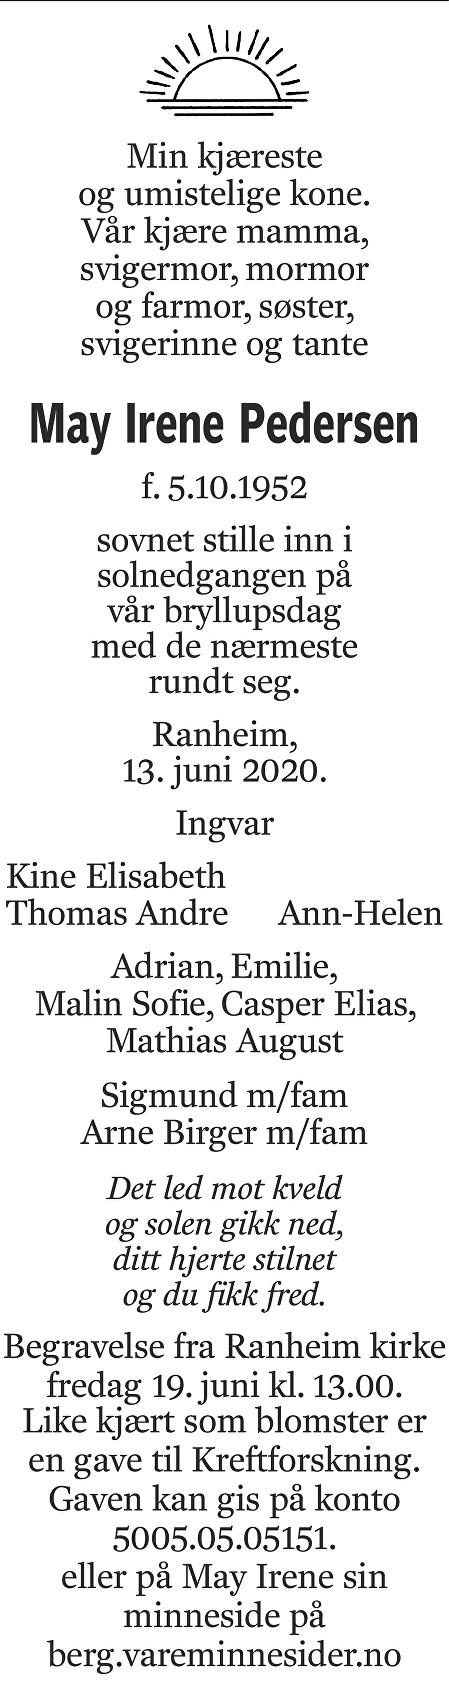 May Irene Pedersen Dødsannonse